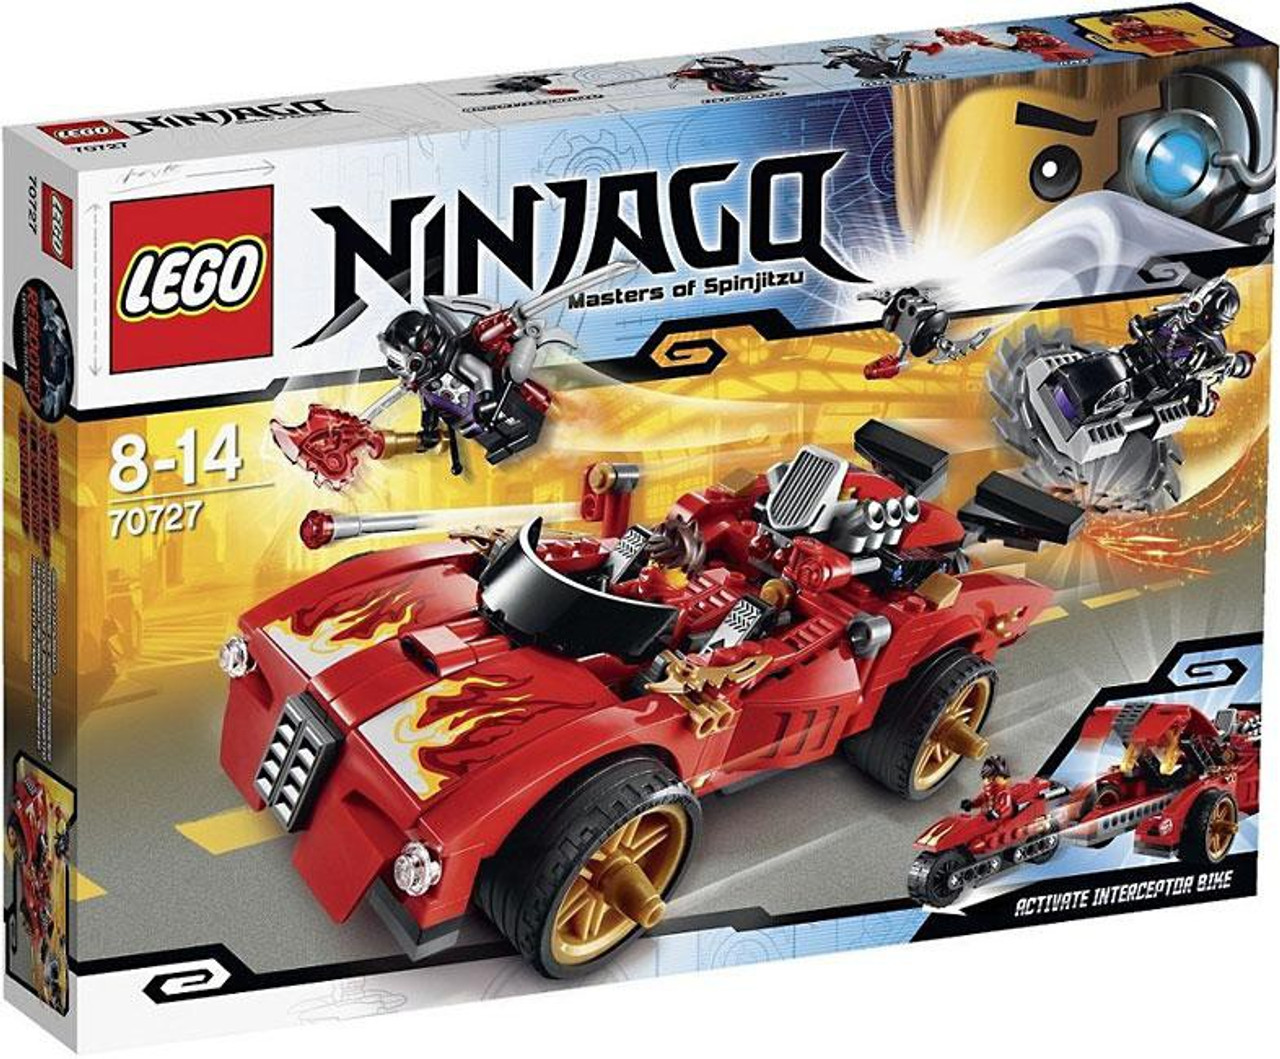 34 Lego Ninjago Ausmalbilder Morro - Besten Bilder von ausmalbilder | 1059x1280